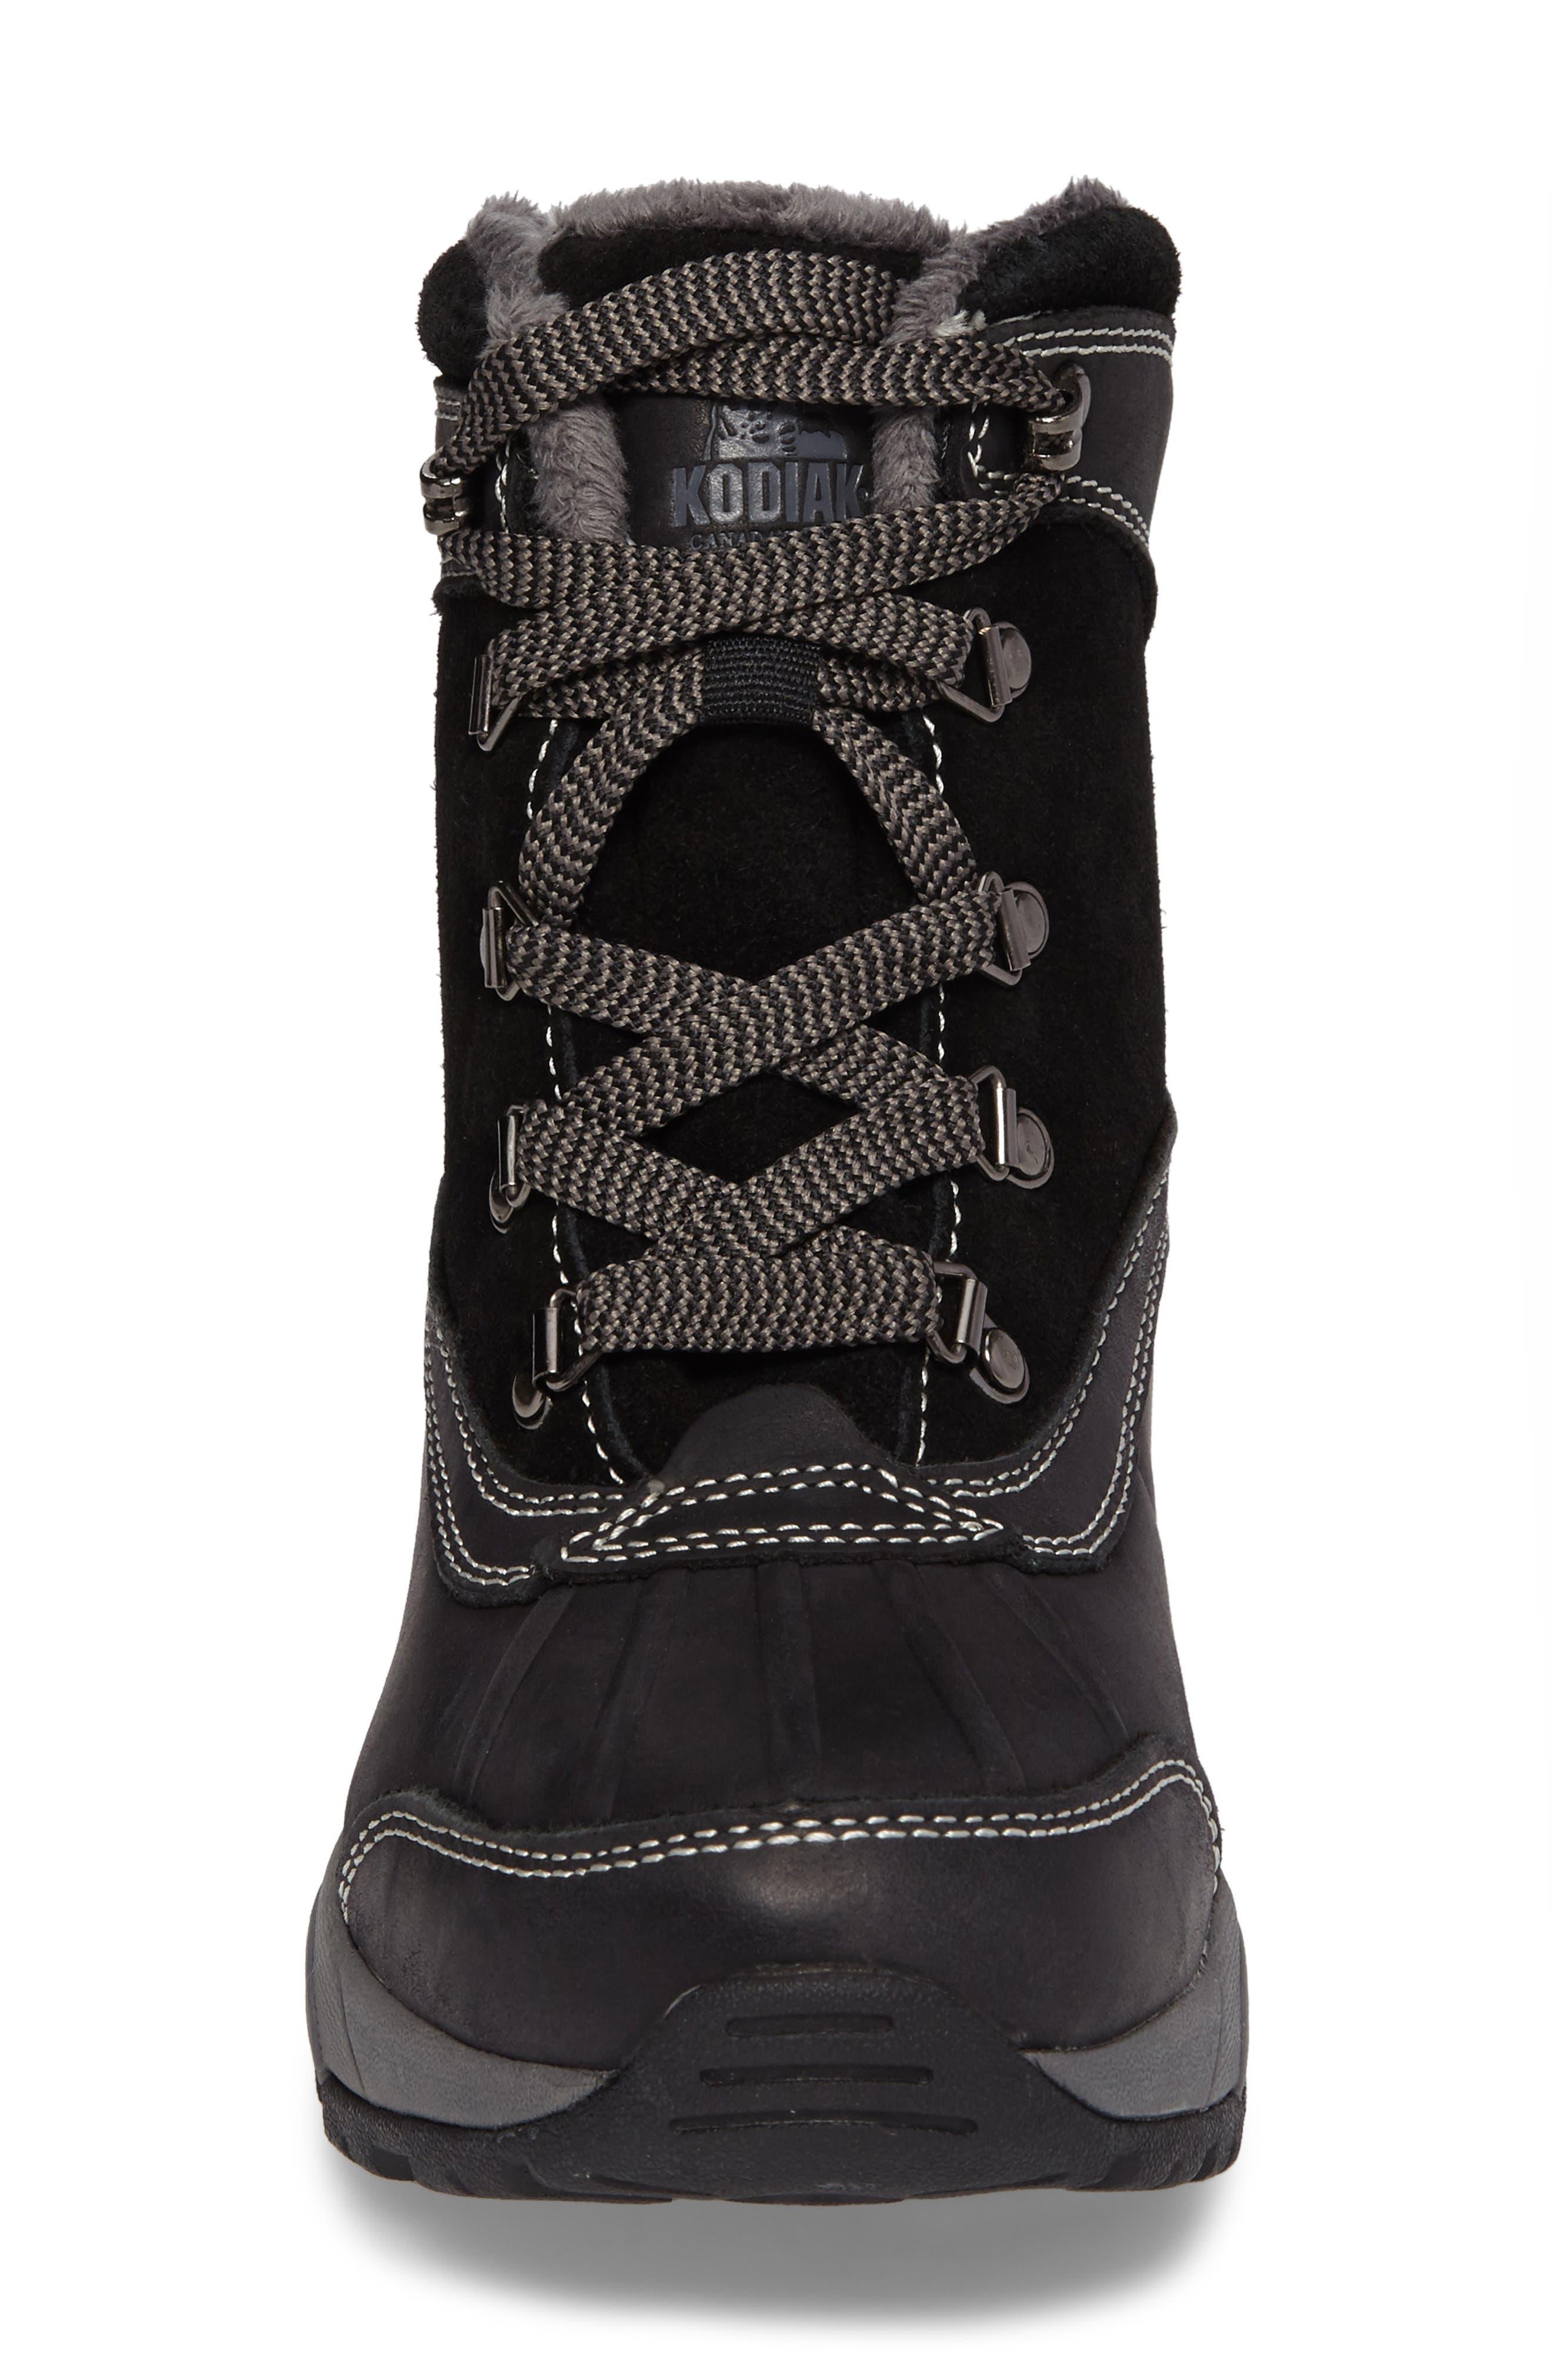 Alternate Image 4  - Kodiak 'Renee' Waterproof Insulated Winter Boot (Women)